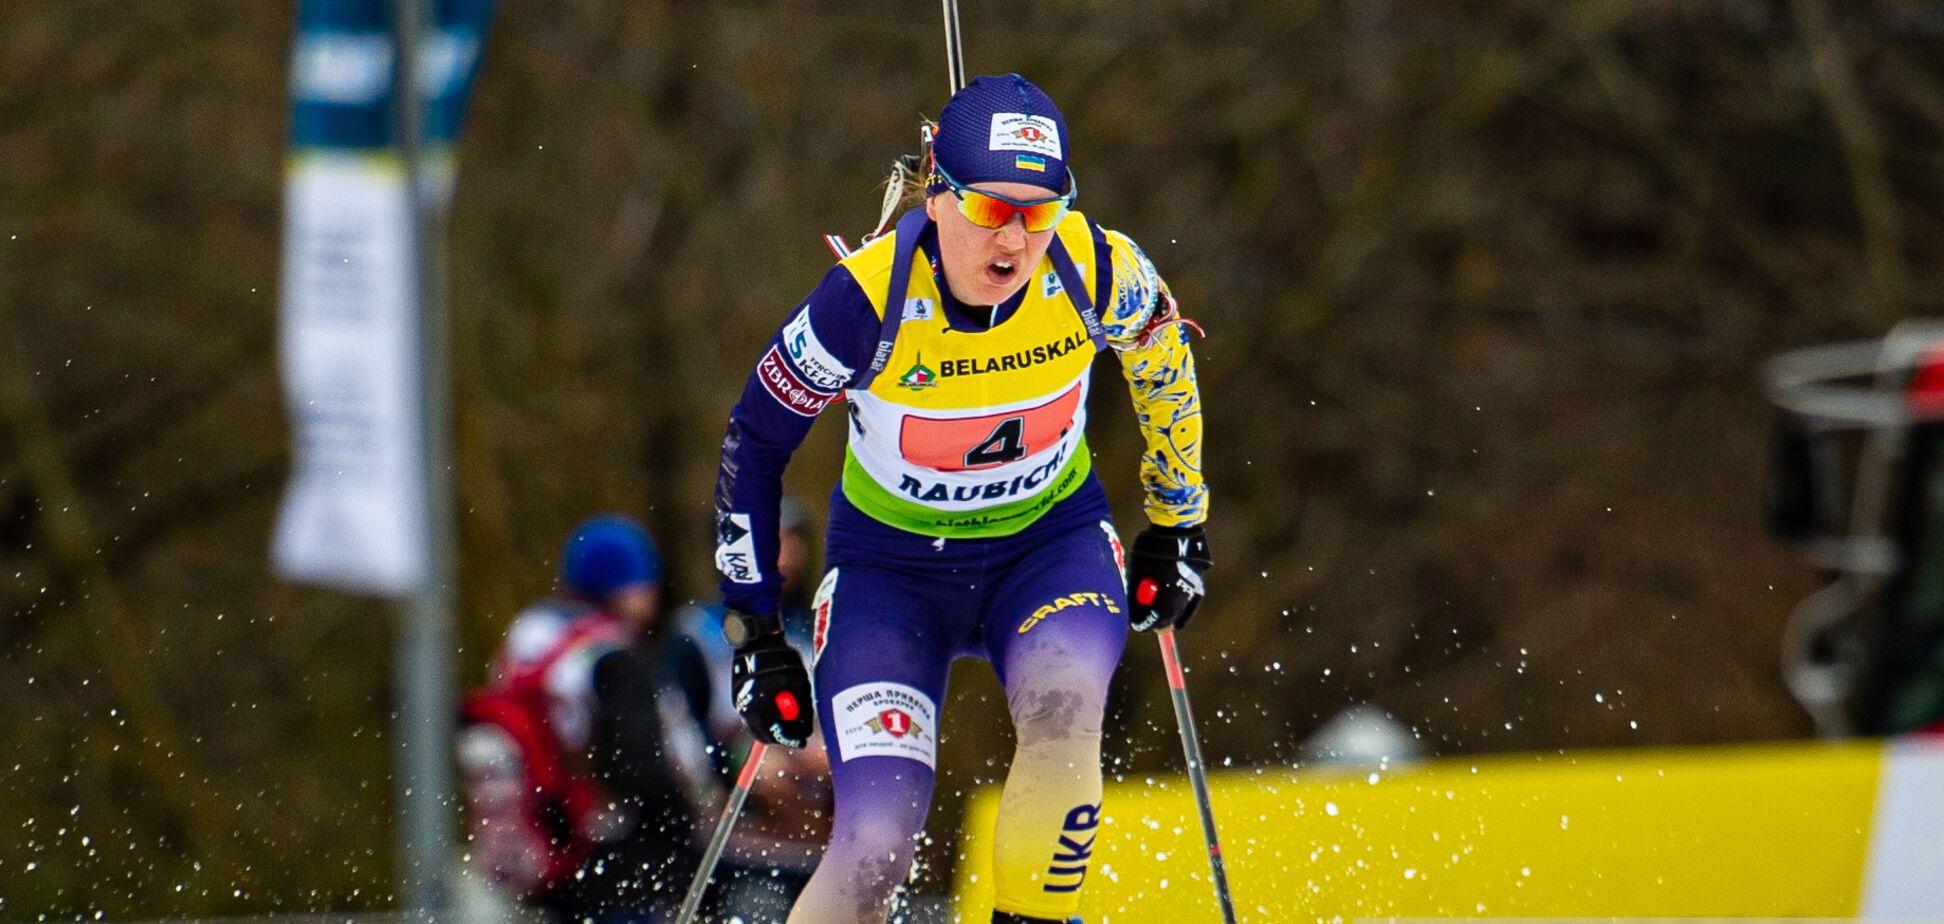 Українки залишилися без медалей в спринті чемпіонату Європи з біатлону